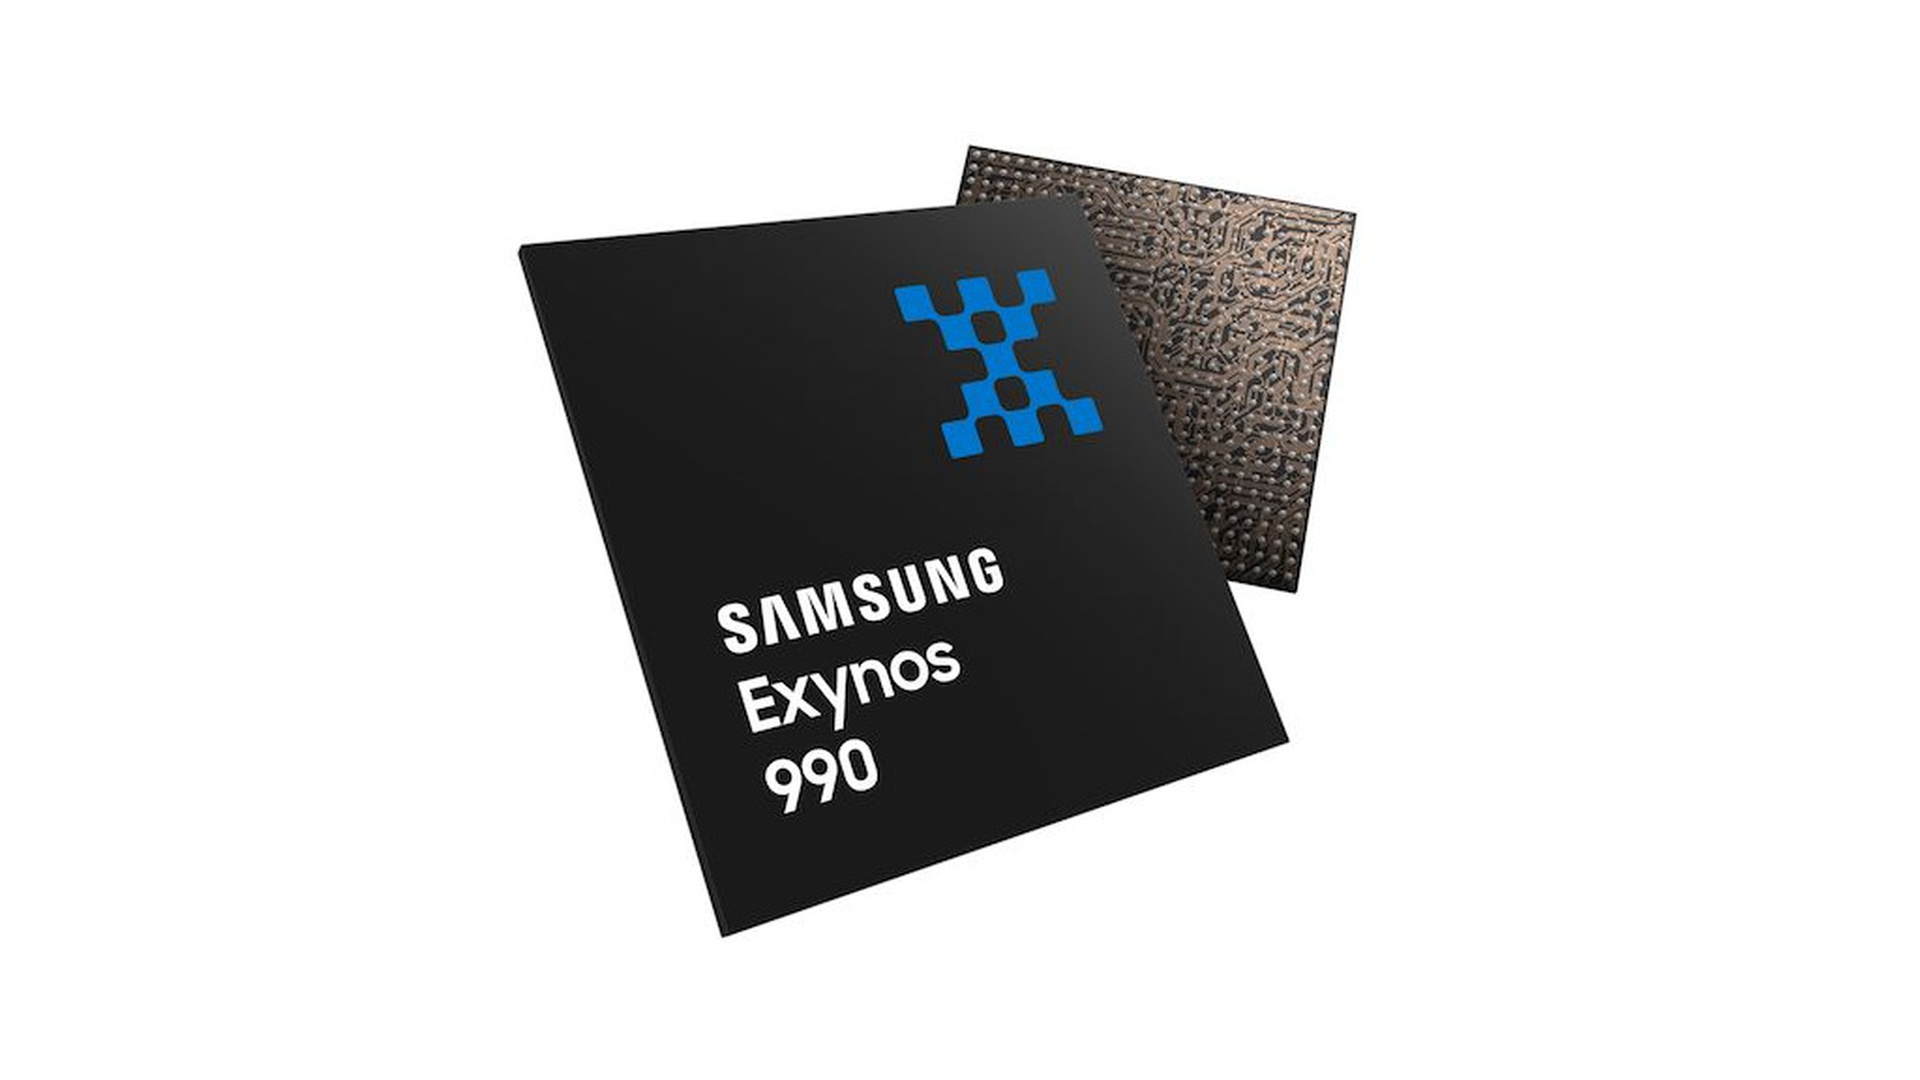 Samsung анонсировала 7 нанометровый процессор и 5G модем